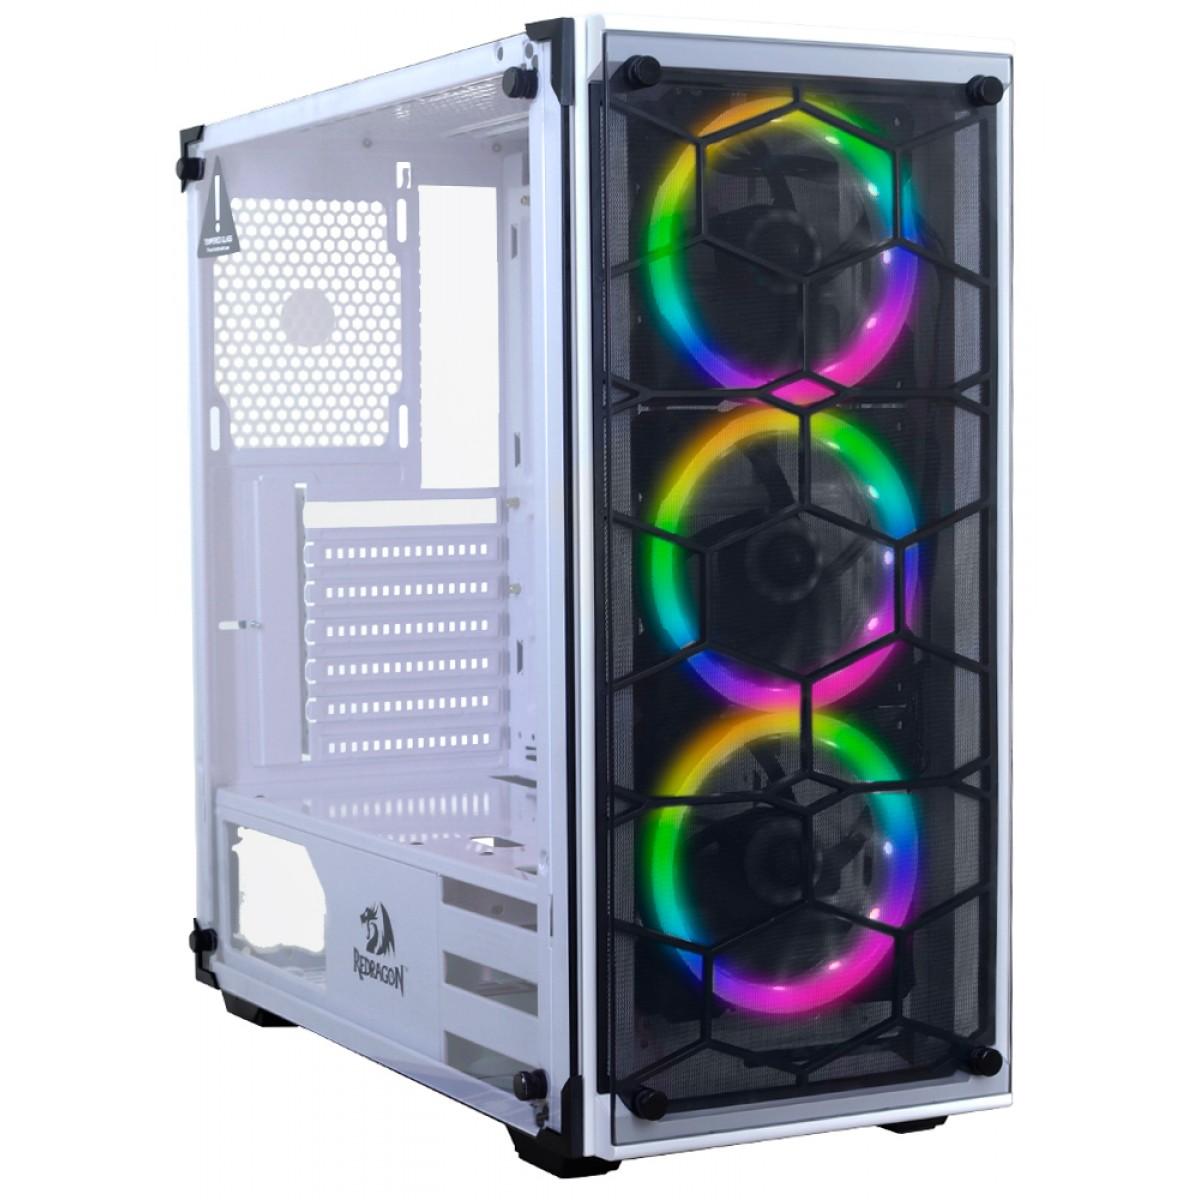 Pc Gamer T-Blade LVL-4 Intel Core i5 10400 / RX 5500 XT 8GB / DDR4 8GB / HD 1TB / 600W